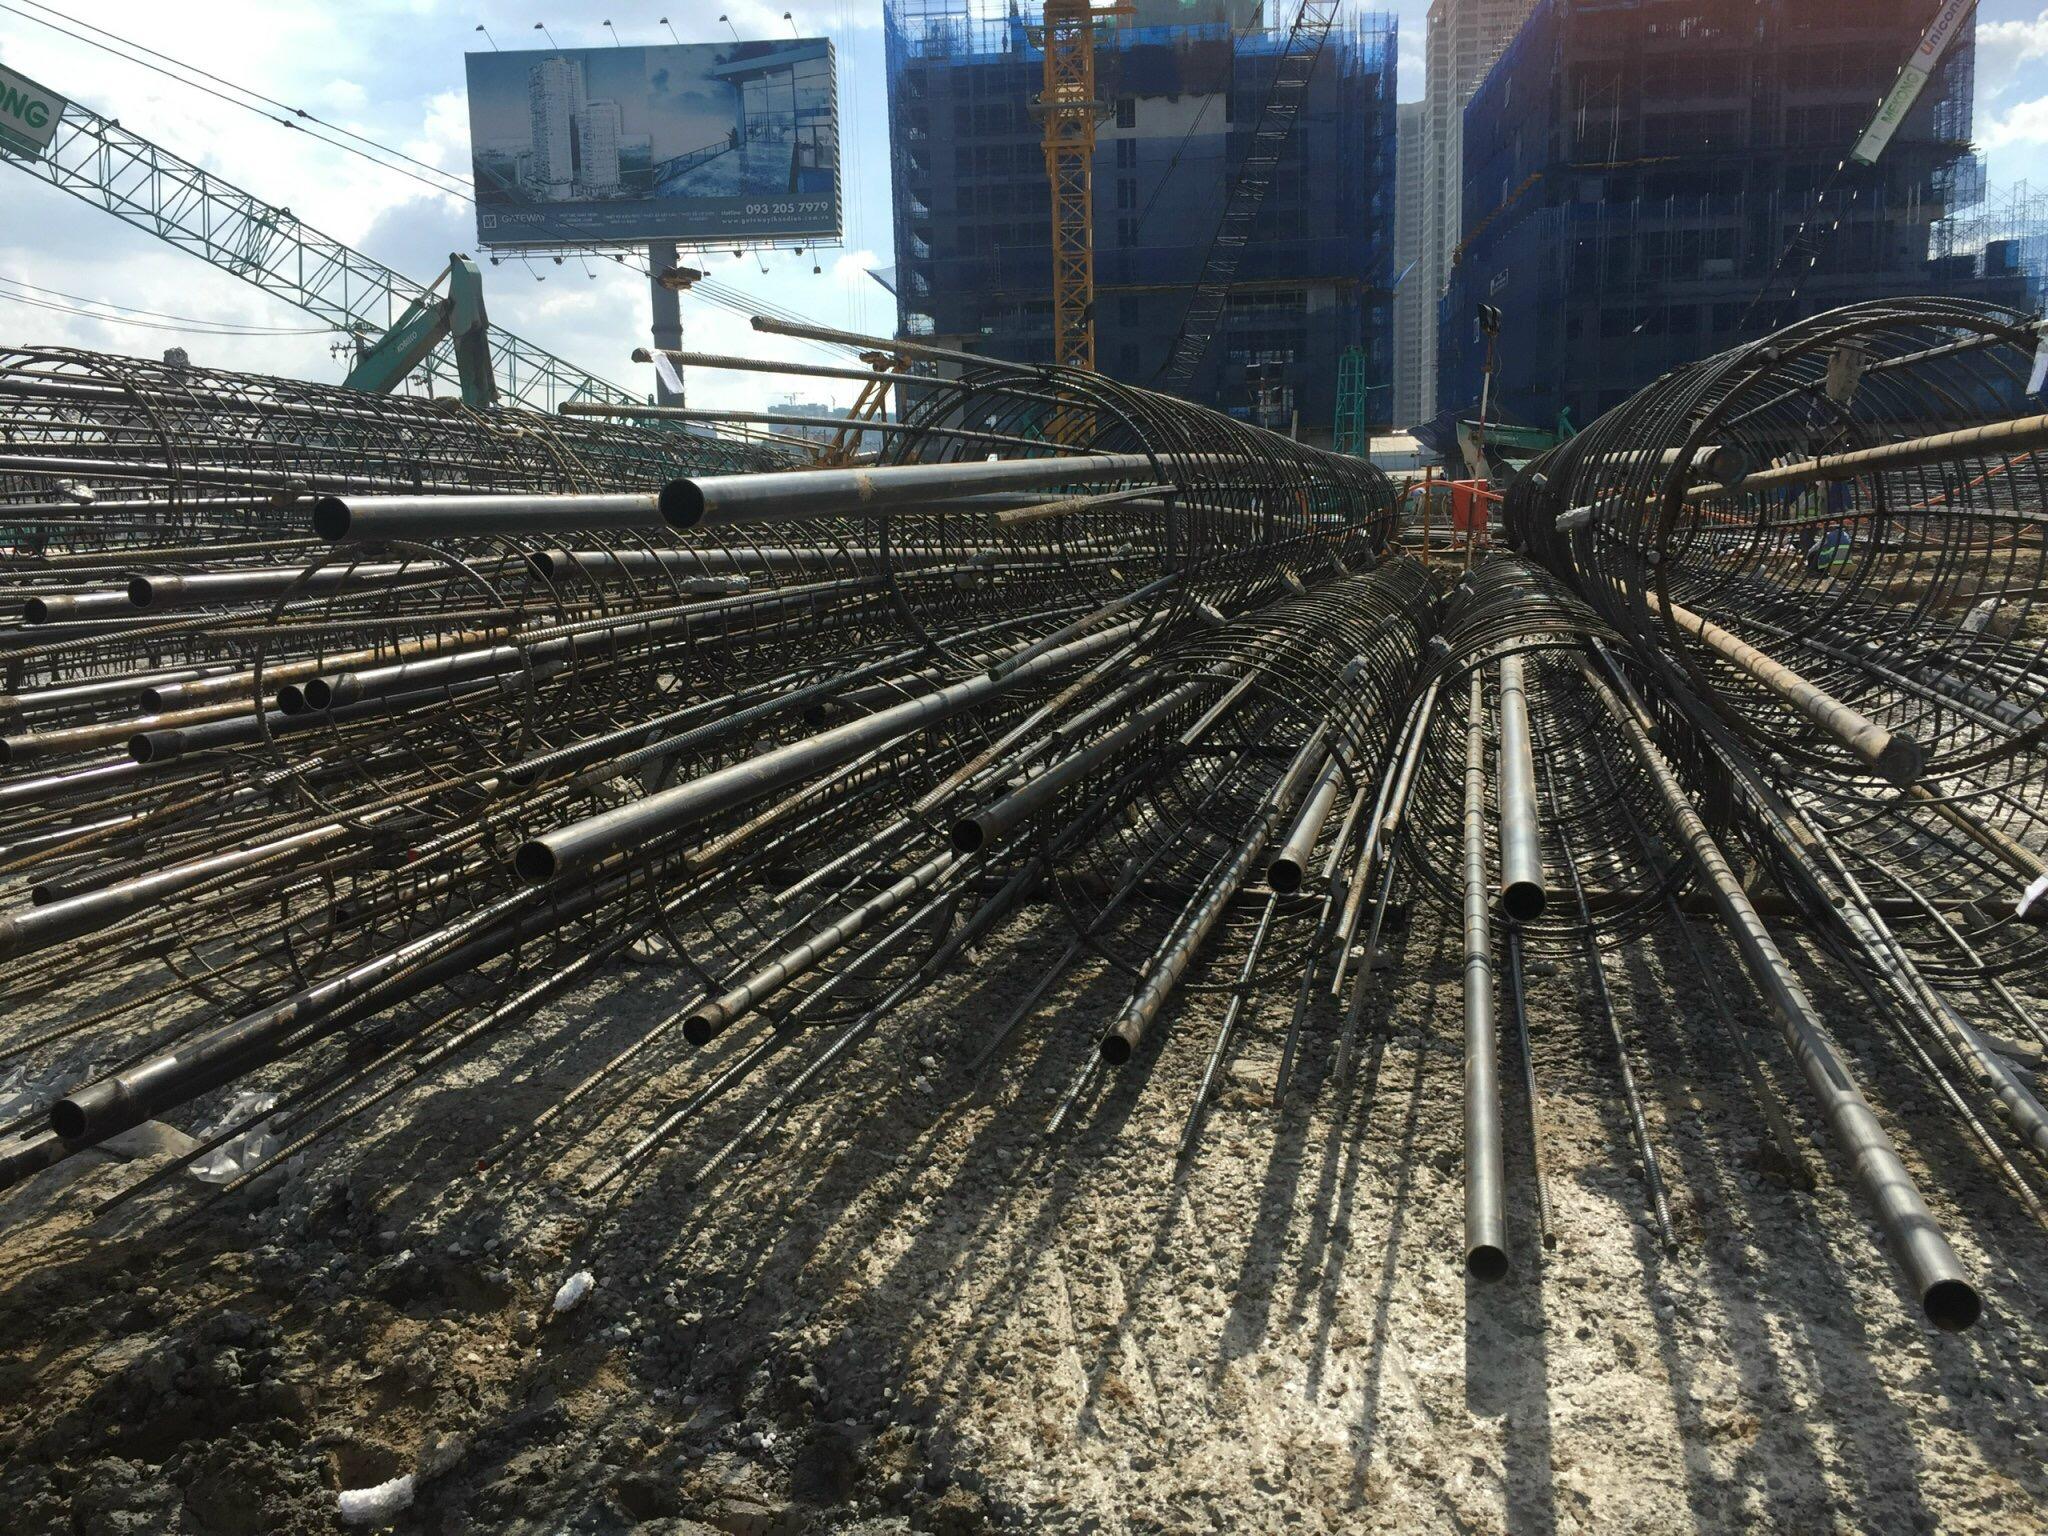 ống thép  được sử dụng rộng rãi từ các công trình xây dựng ống thép siêu âm